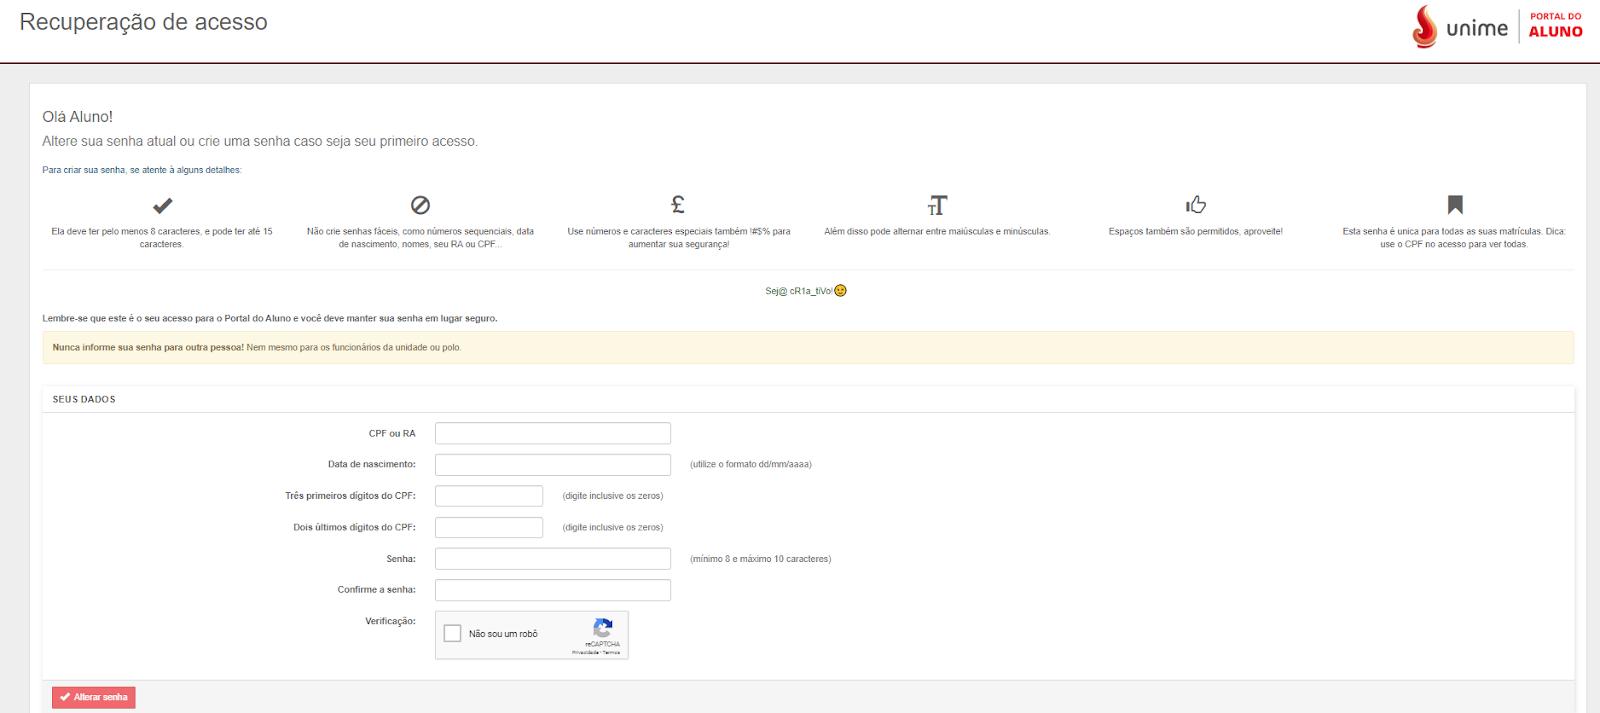 Recuperação de acesso portal do aluno Unime